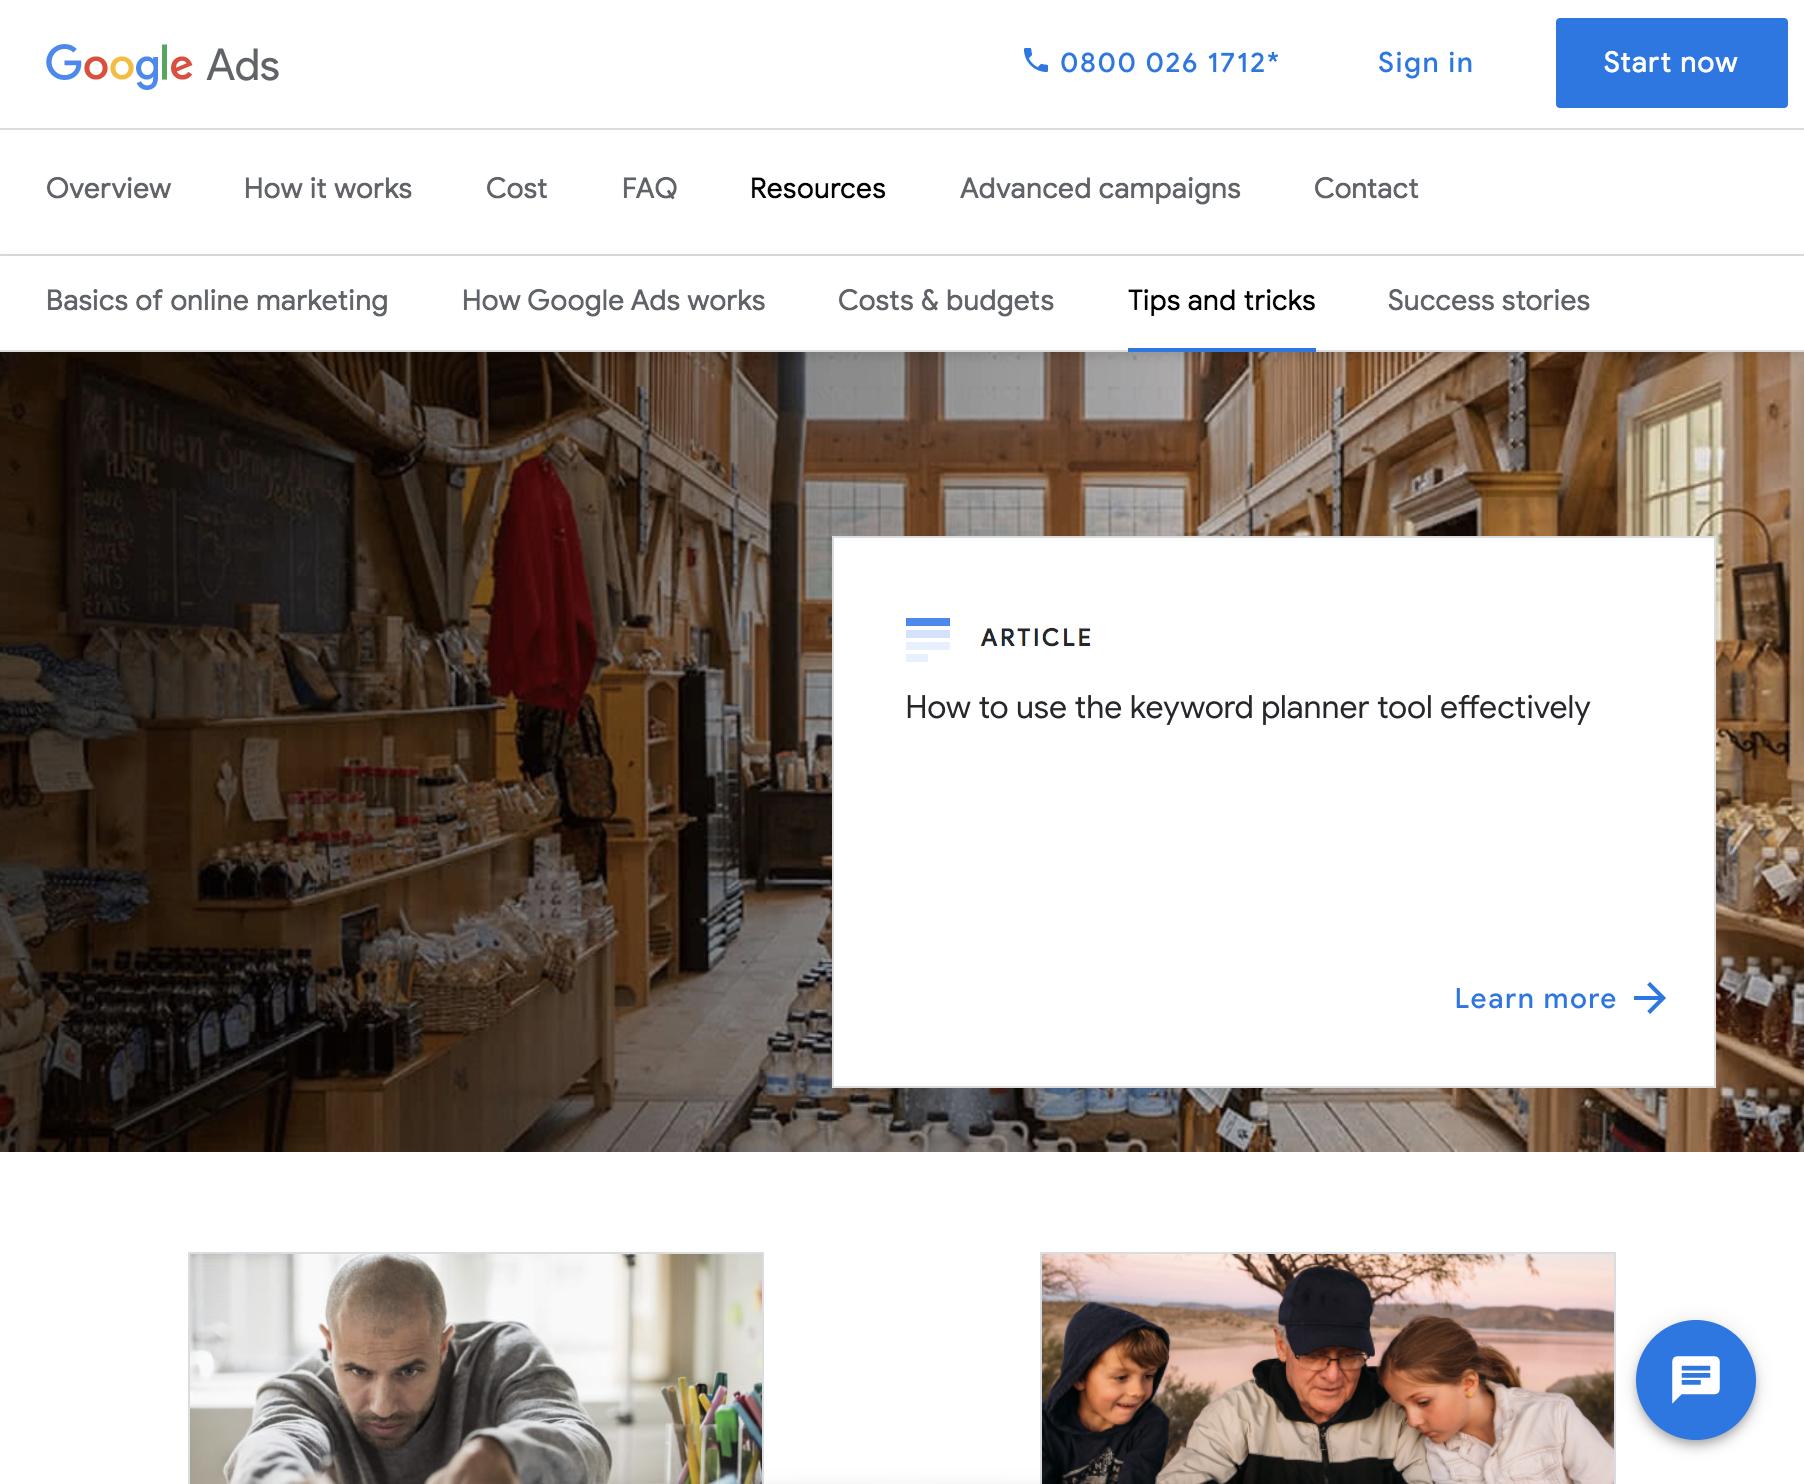 google-ads-experiement-tips-tricks